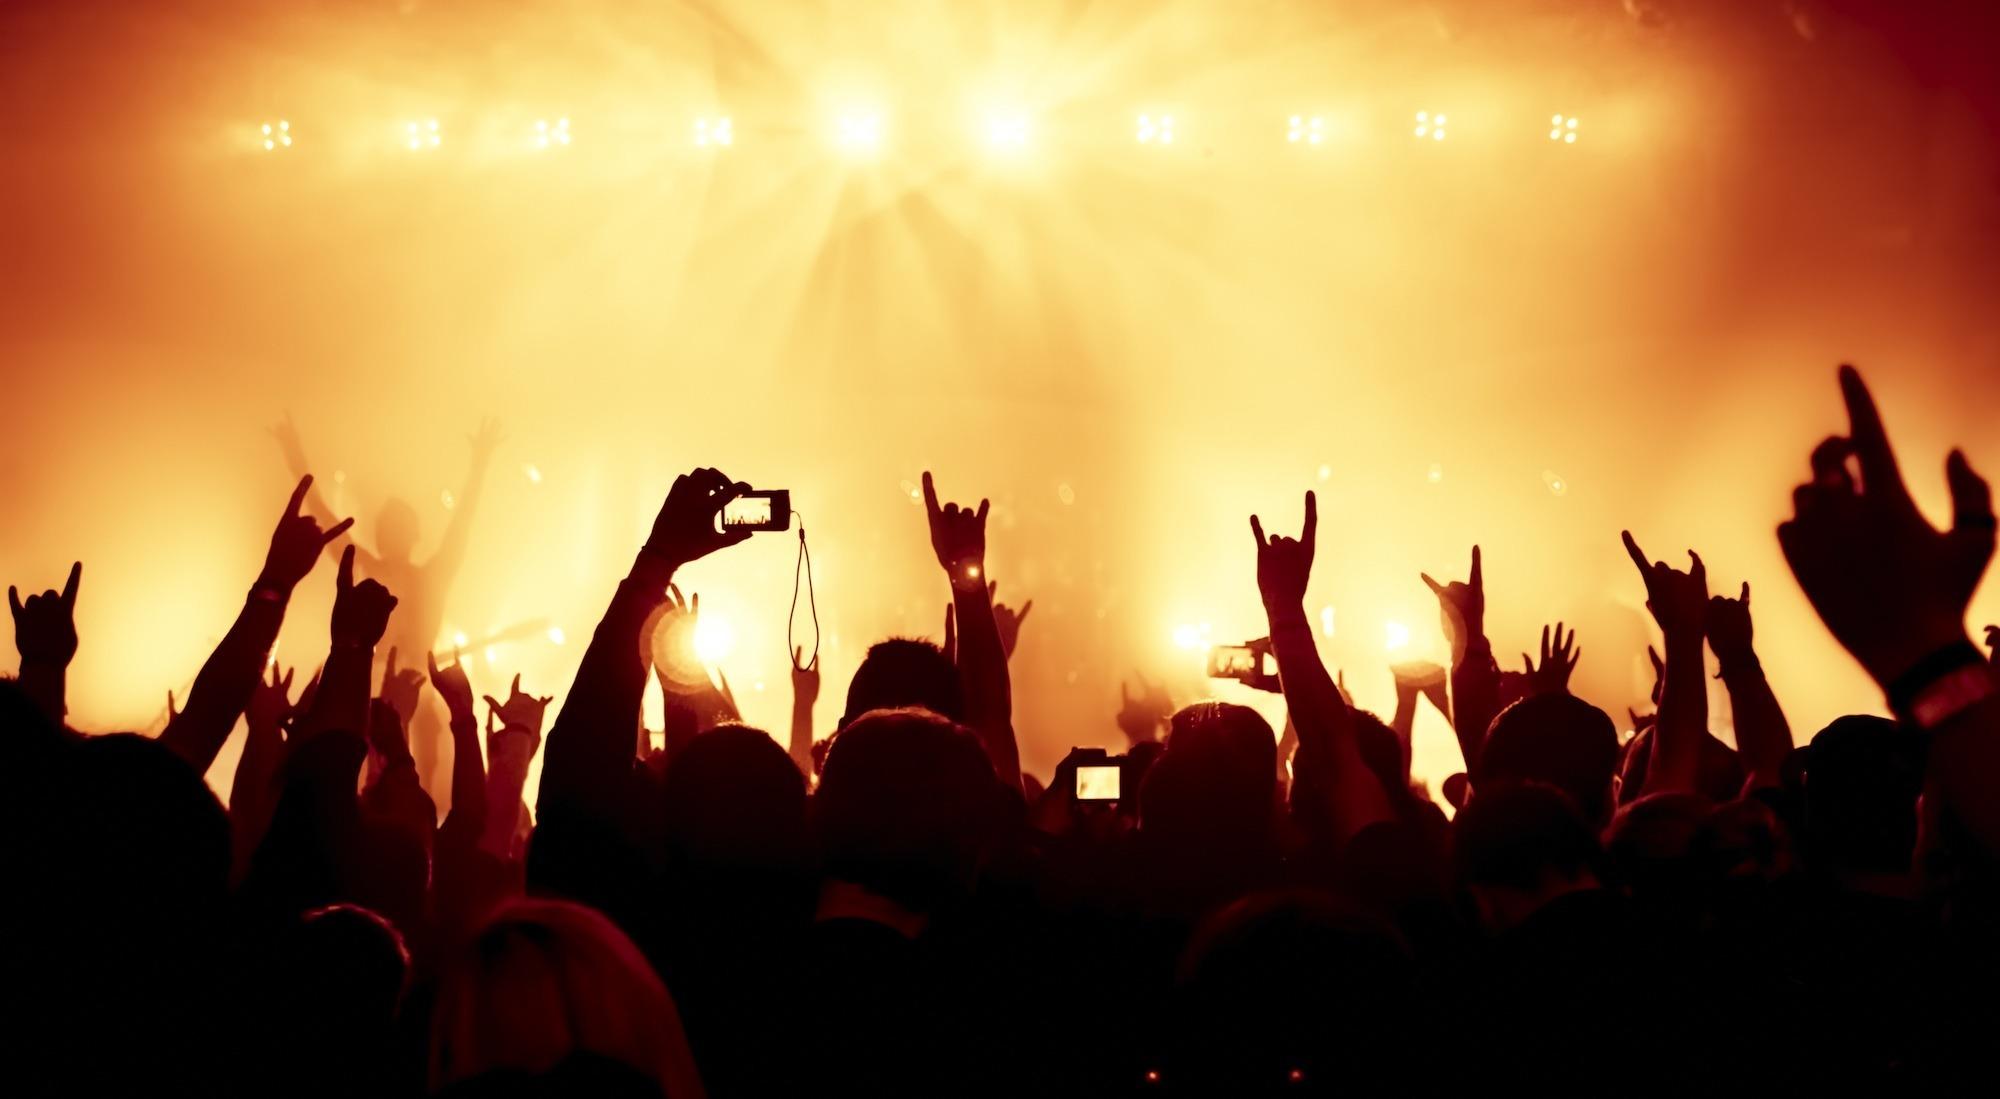 خروجات.. «حدوتة مصرية» في الأوبرا وعرض مسرحي بـ«الجمهورية»